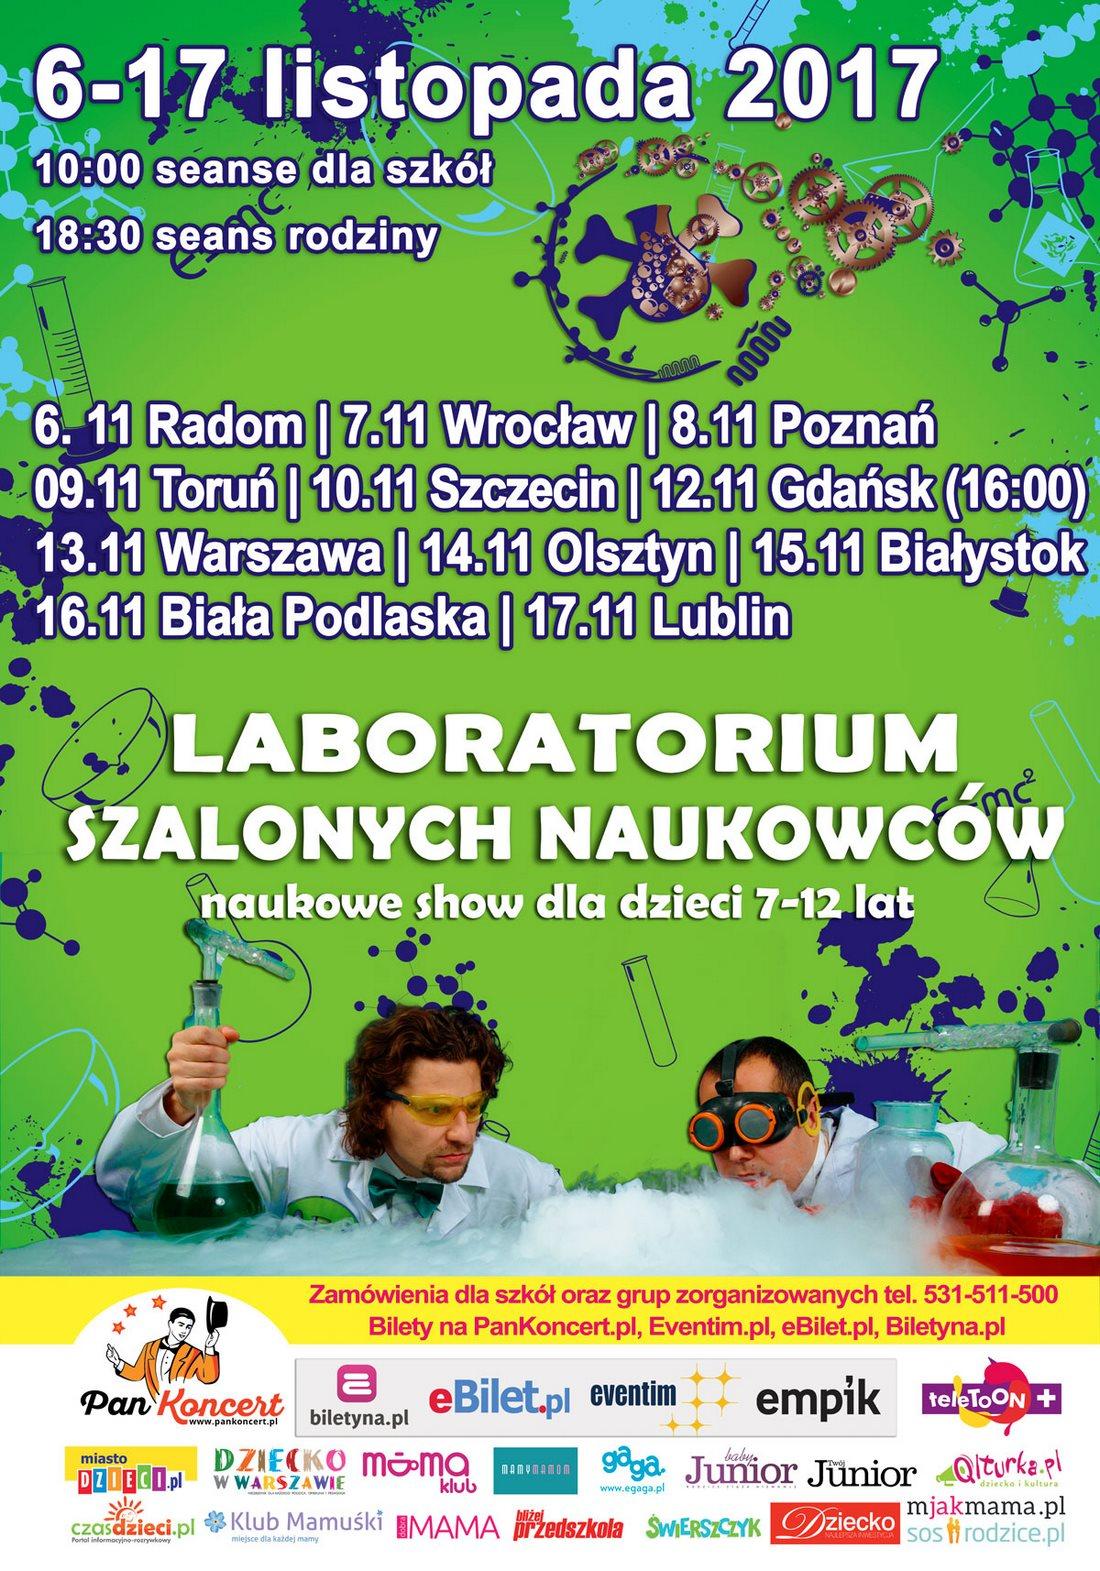 Laboratorium Szalonych Naukowców